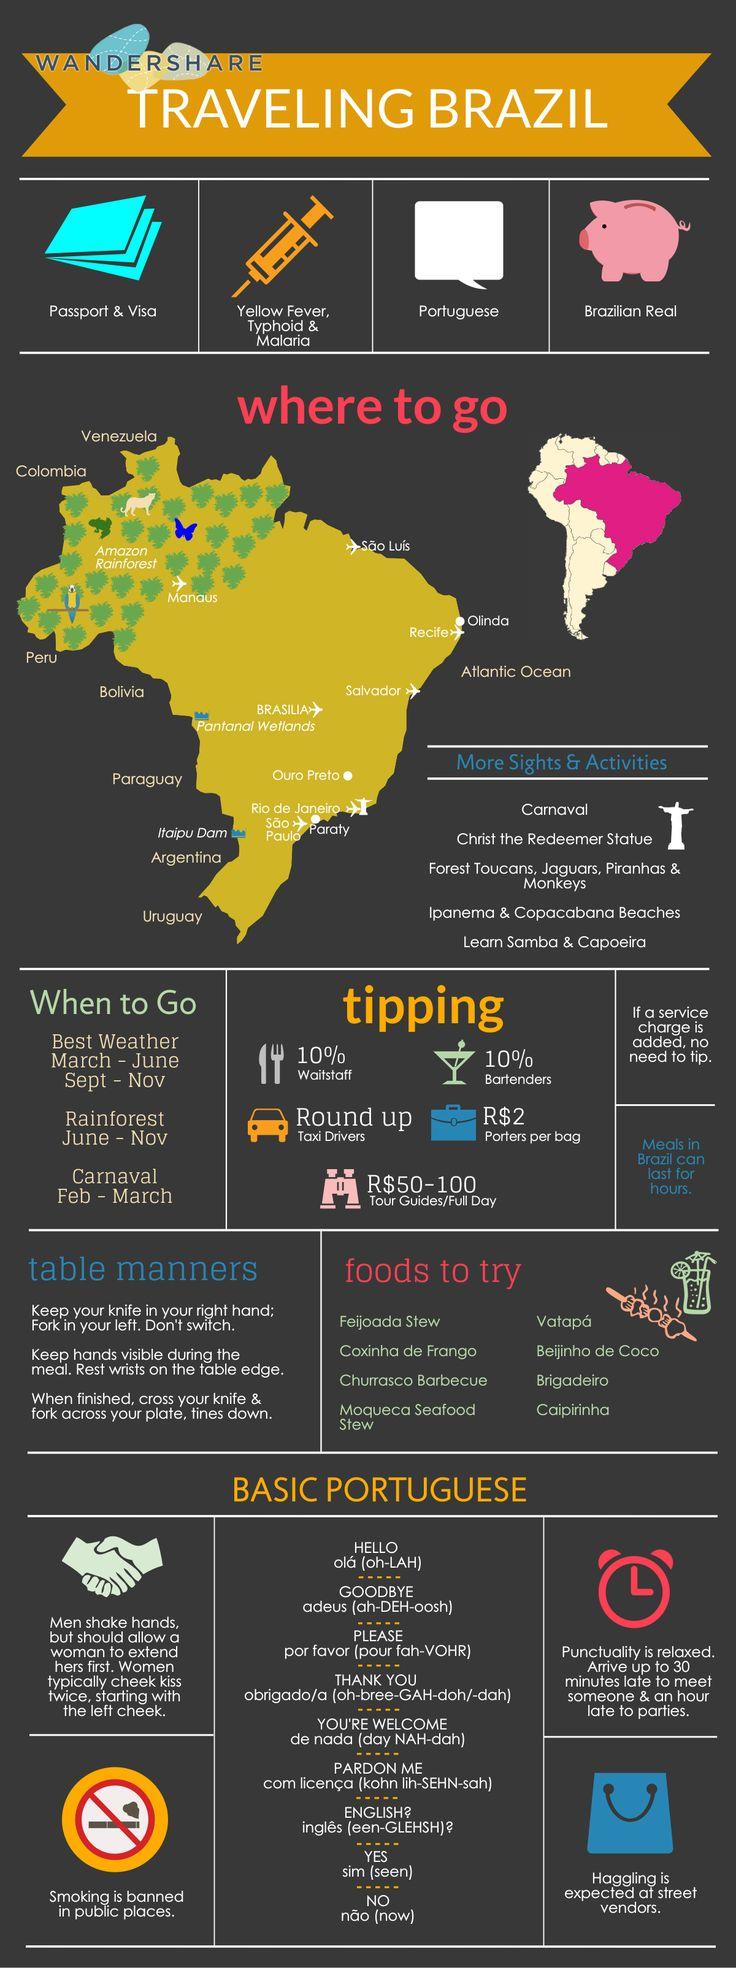 Brazil Travel Cheat Sheet;  | PicadoTur - Consultoria em Viagens | Agencia de viagem | picadotur@gmail.com | (13) 98153-4577 | Temos whatsapp, facebook, skype, twitter.. e mais! Siga nos|